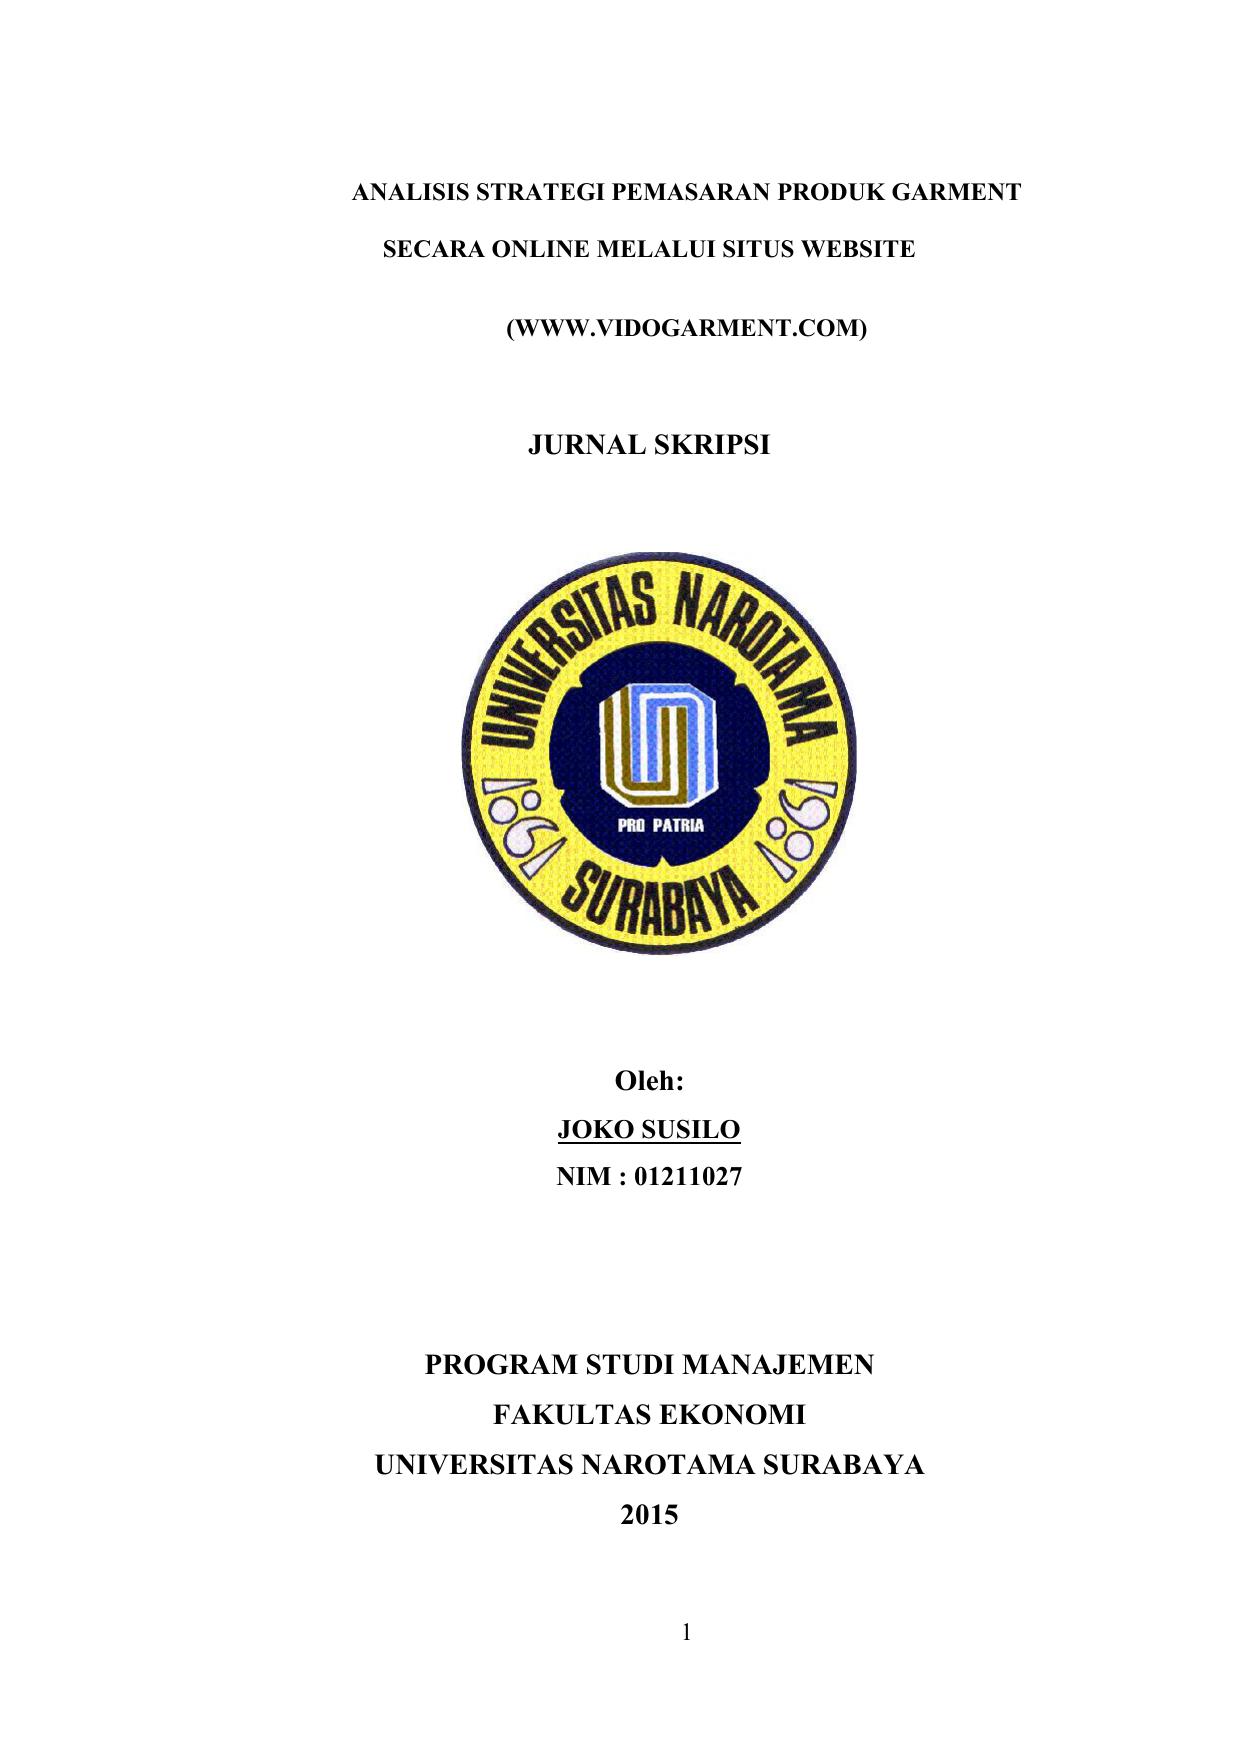 Jurnal Skripsi Oleh Program Studi Manajemen